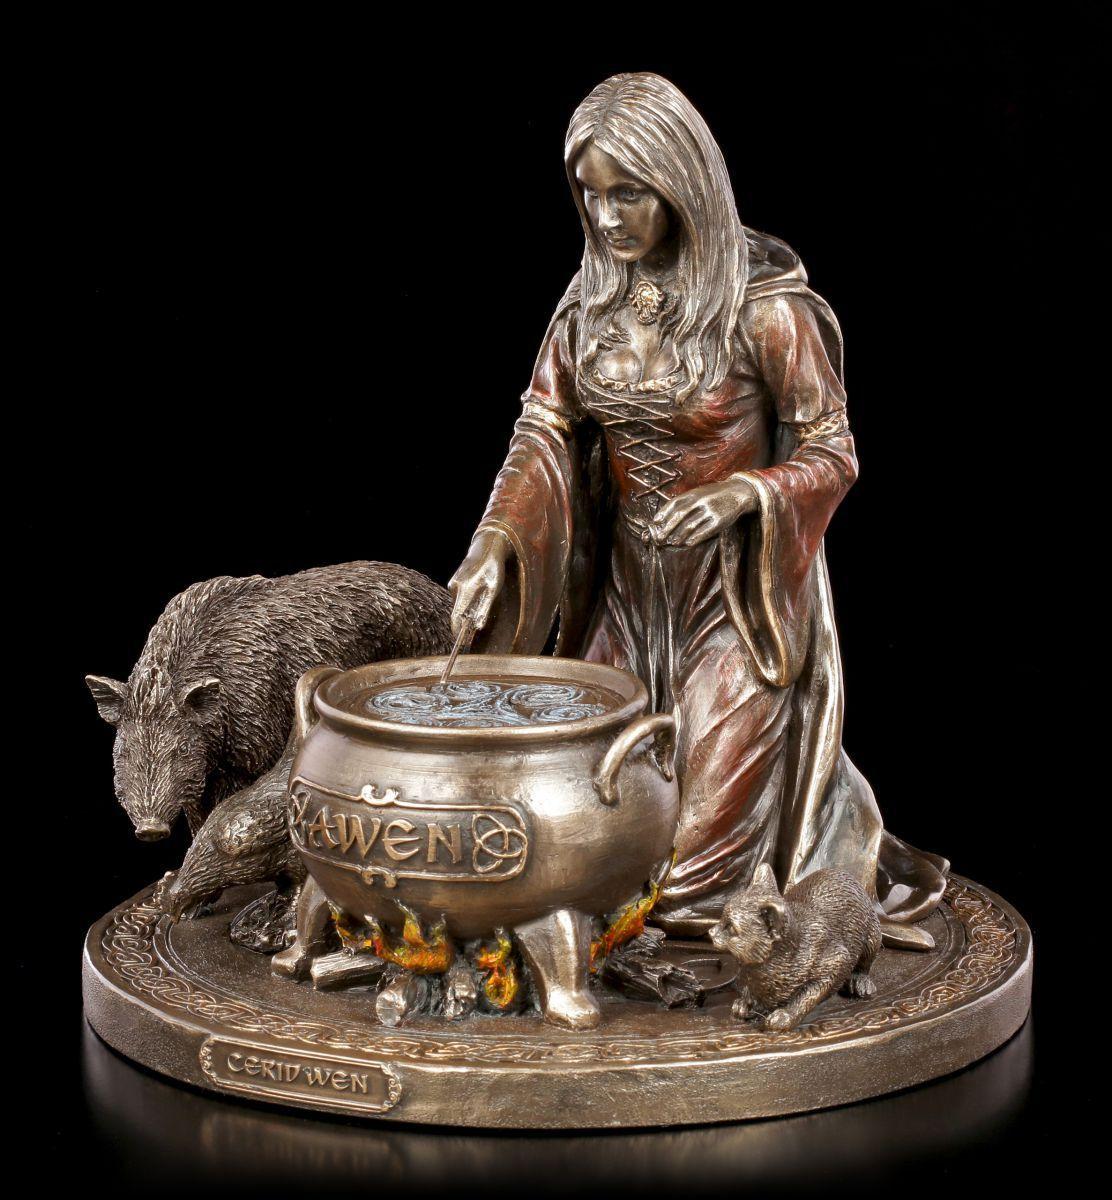 Ceridwen Figur - Keltische Gottheit der Fruchtbarkeit - Verones Göttin Wales